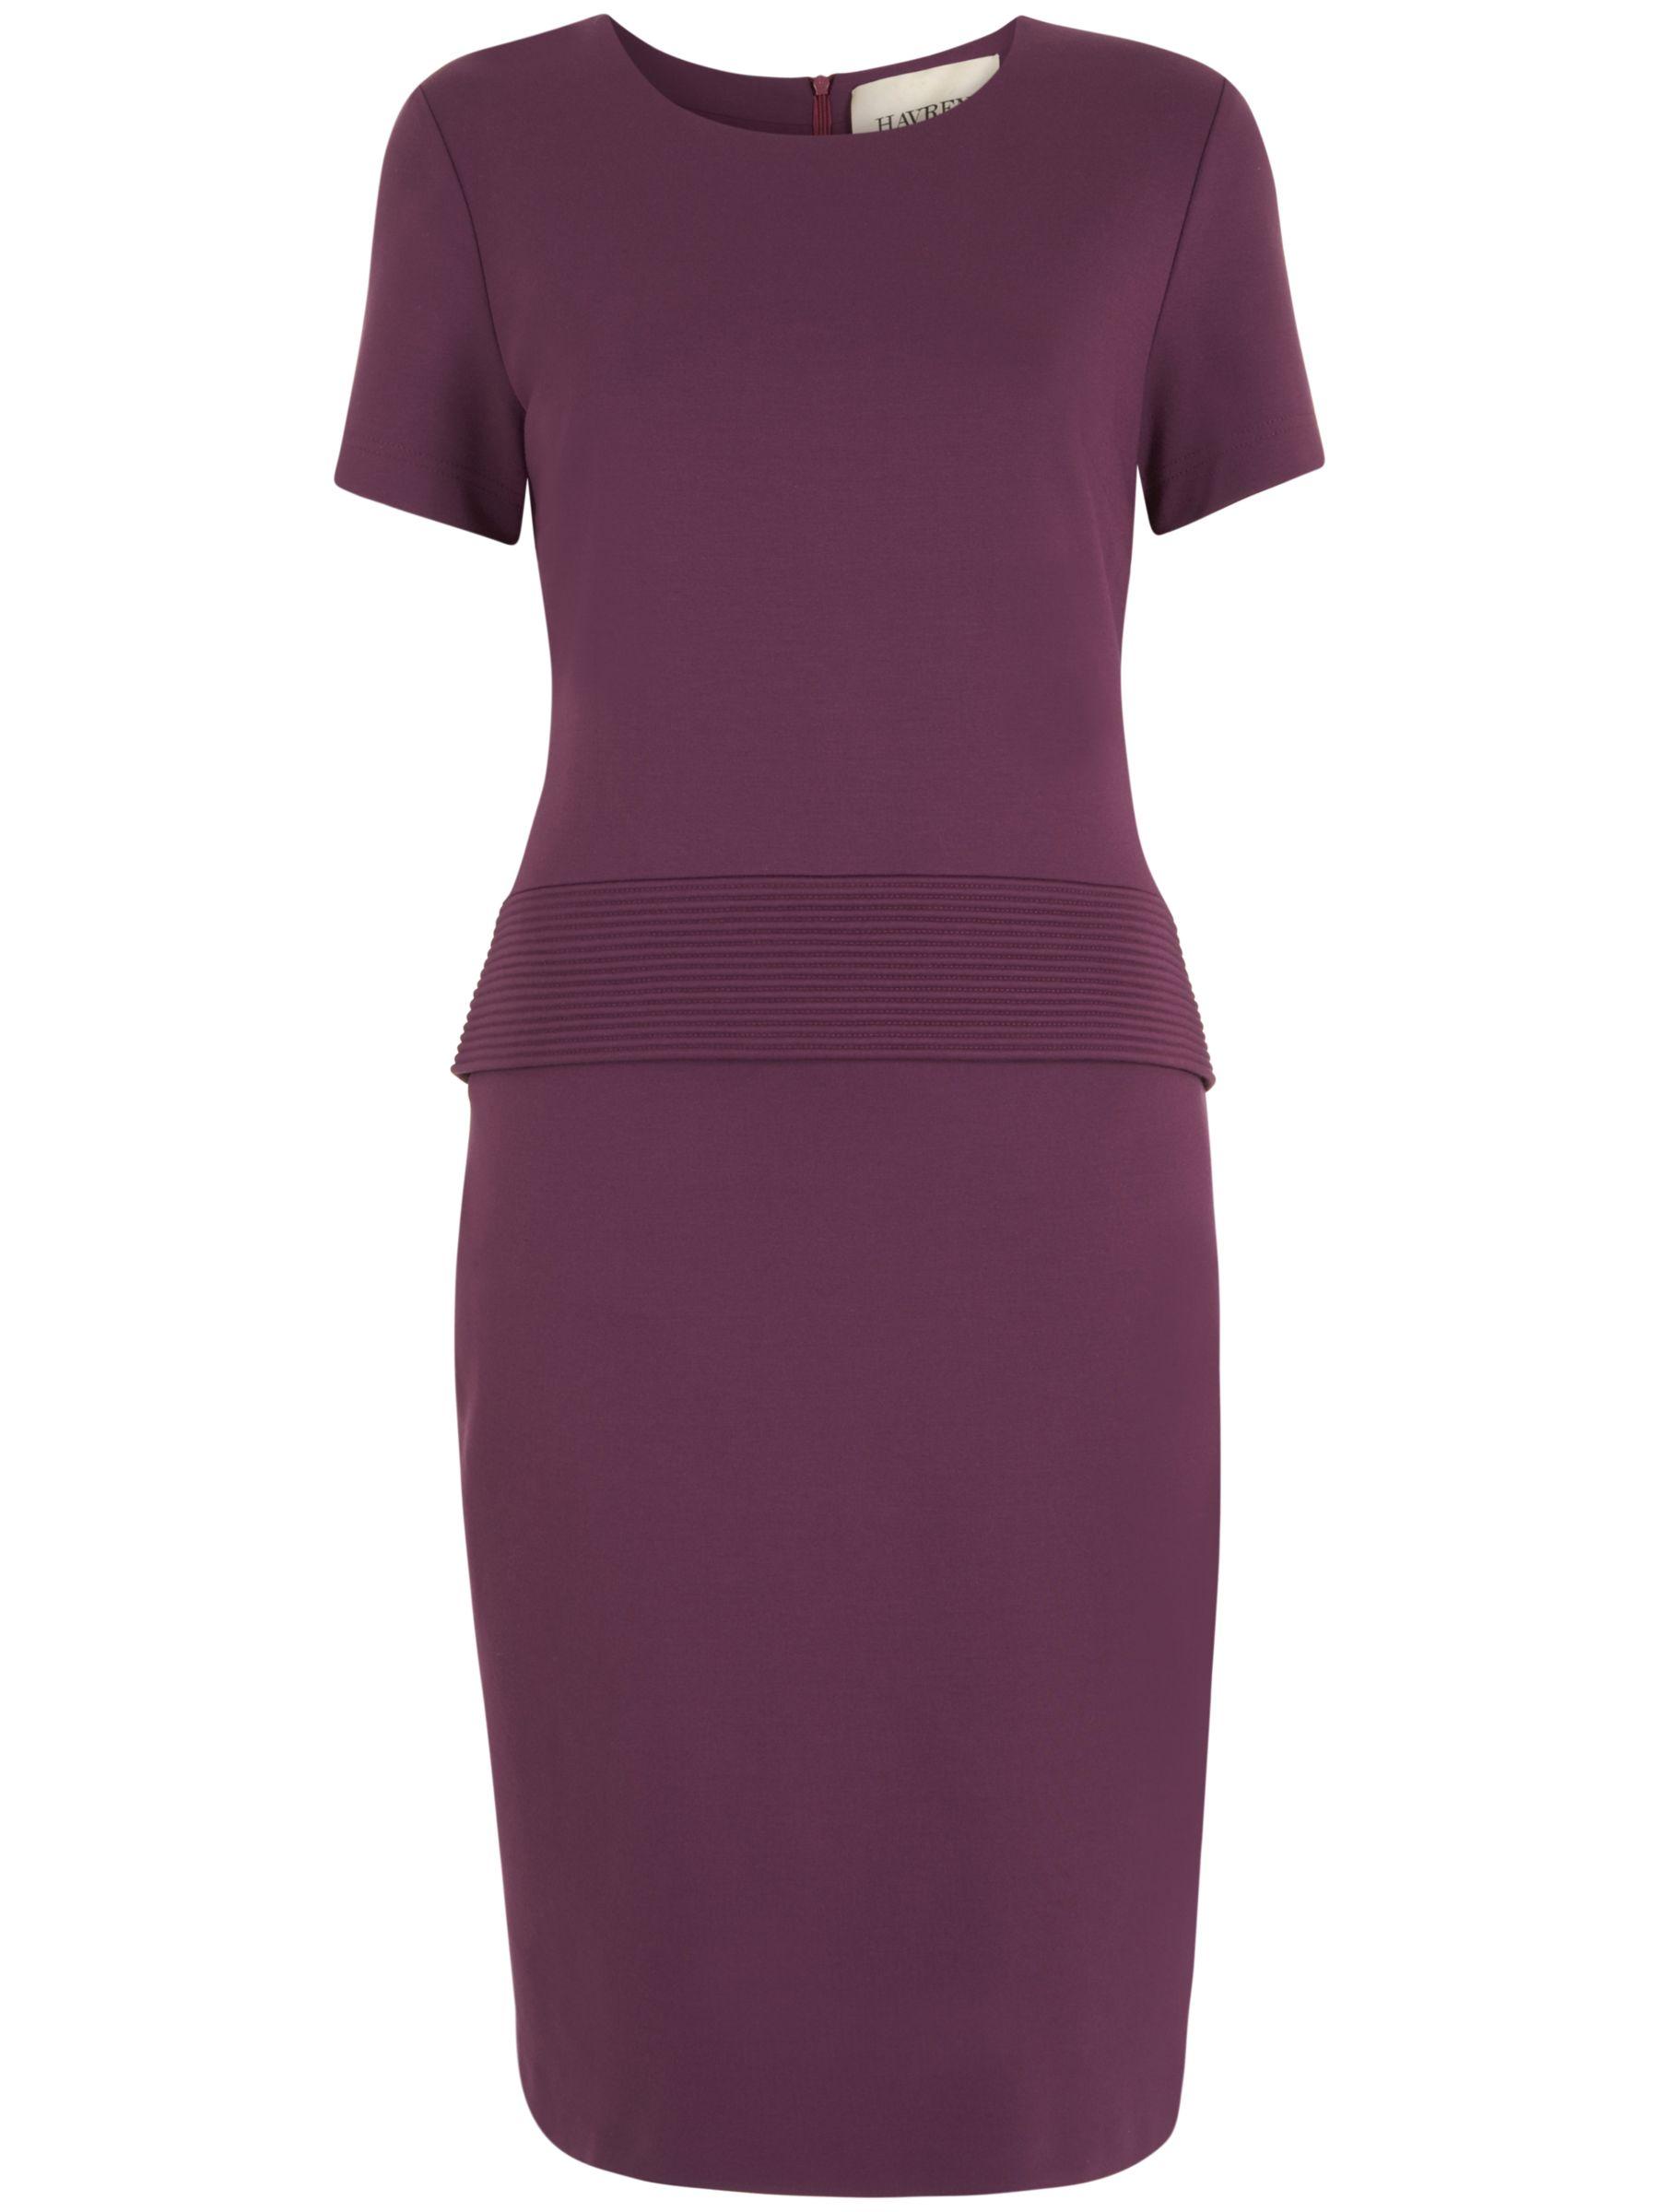 Havren Jersey Peplum Dress, Mauve